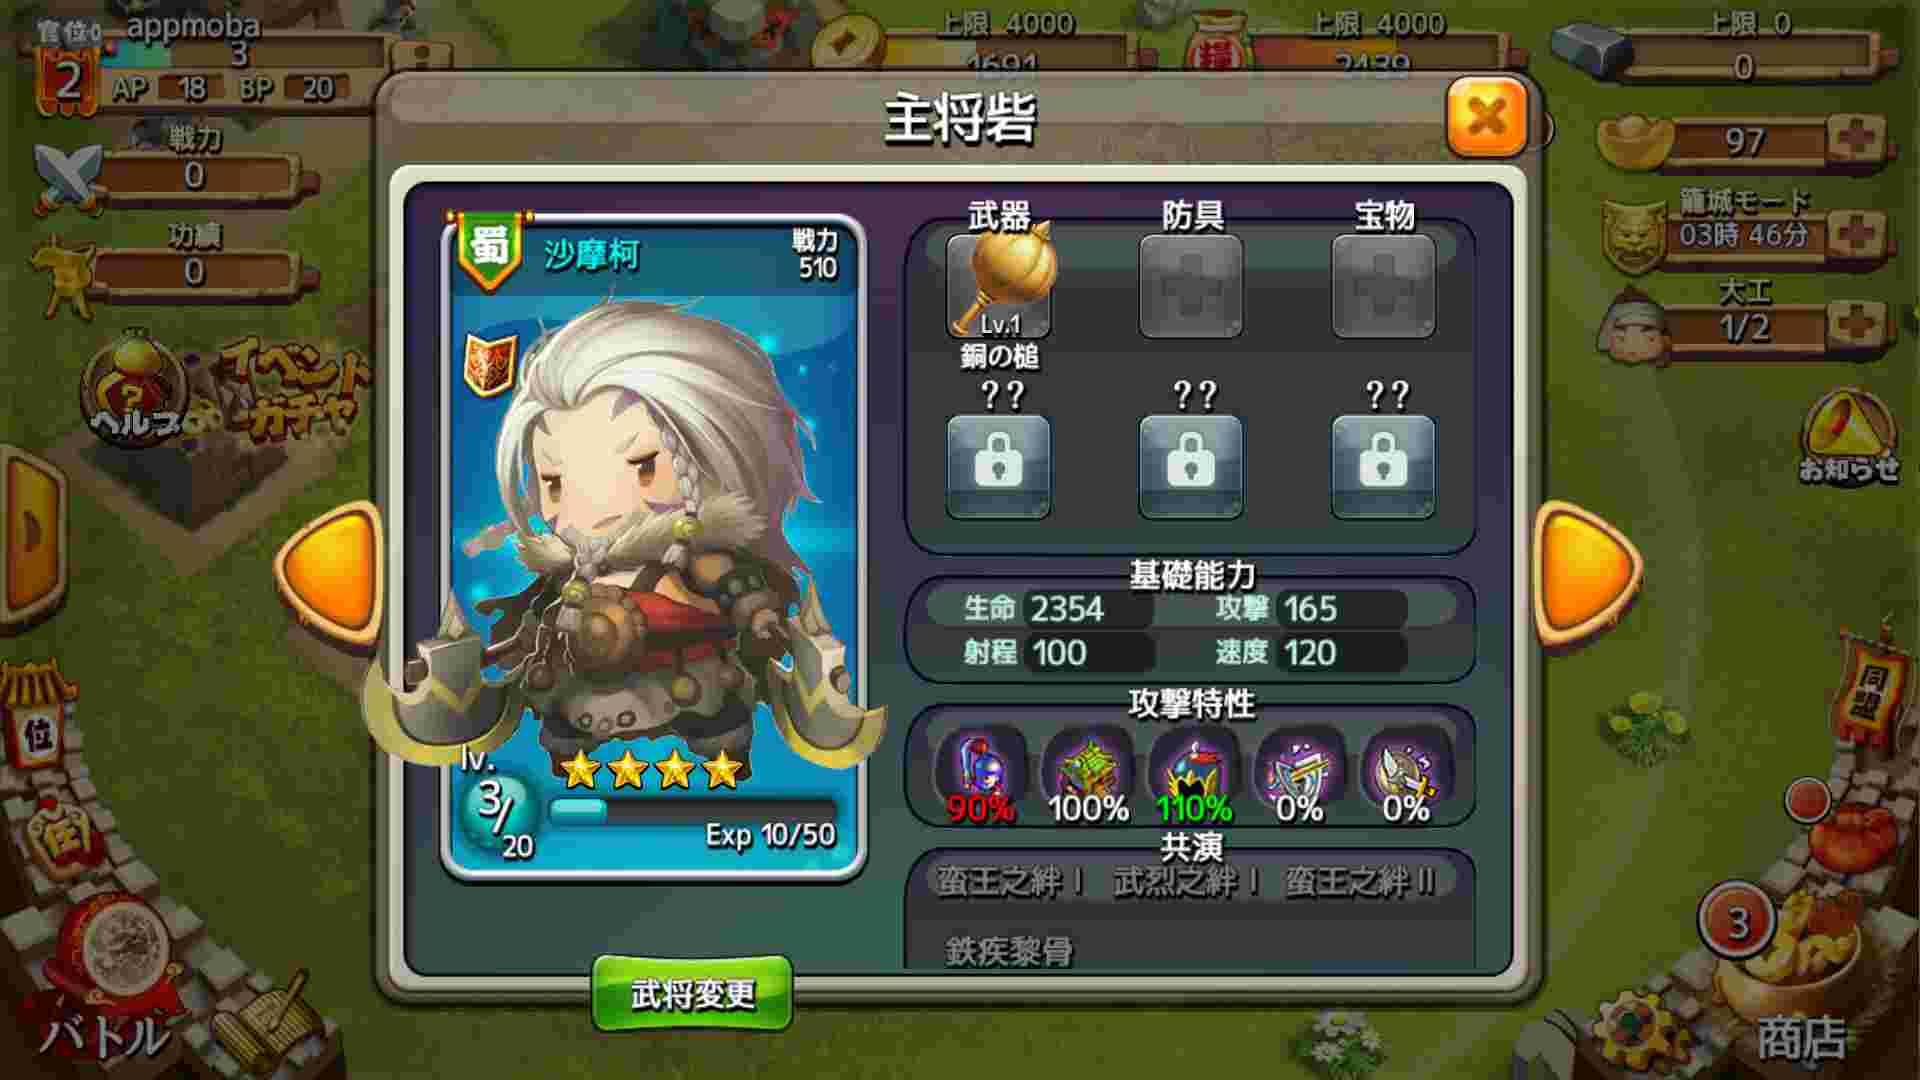 三國志好きならハマってしまうアプリ!